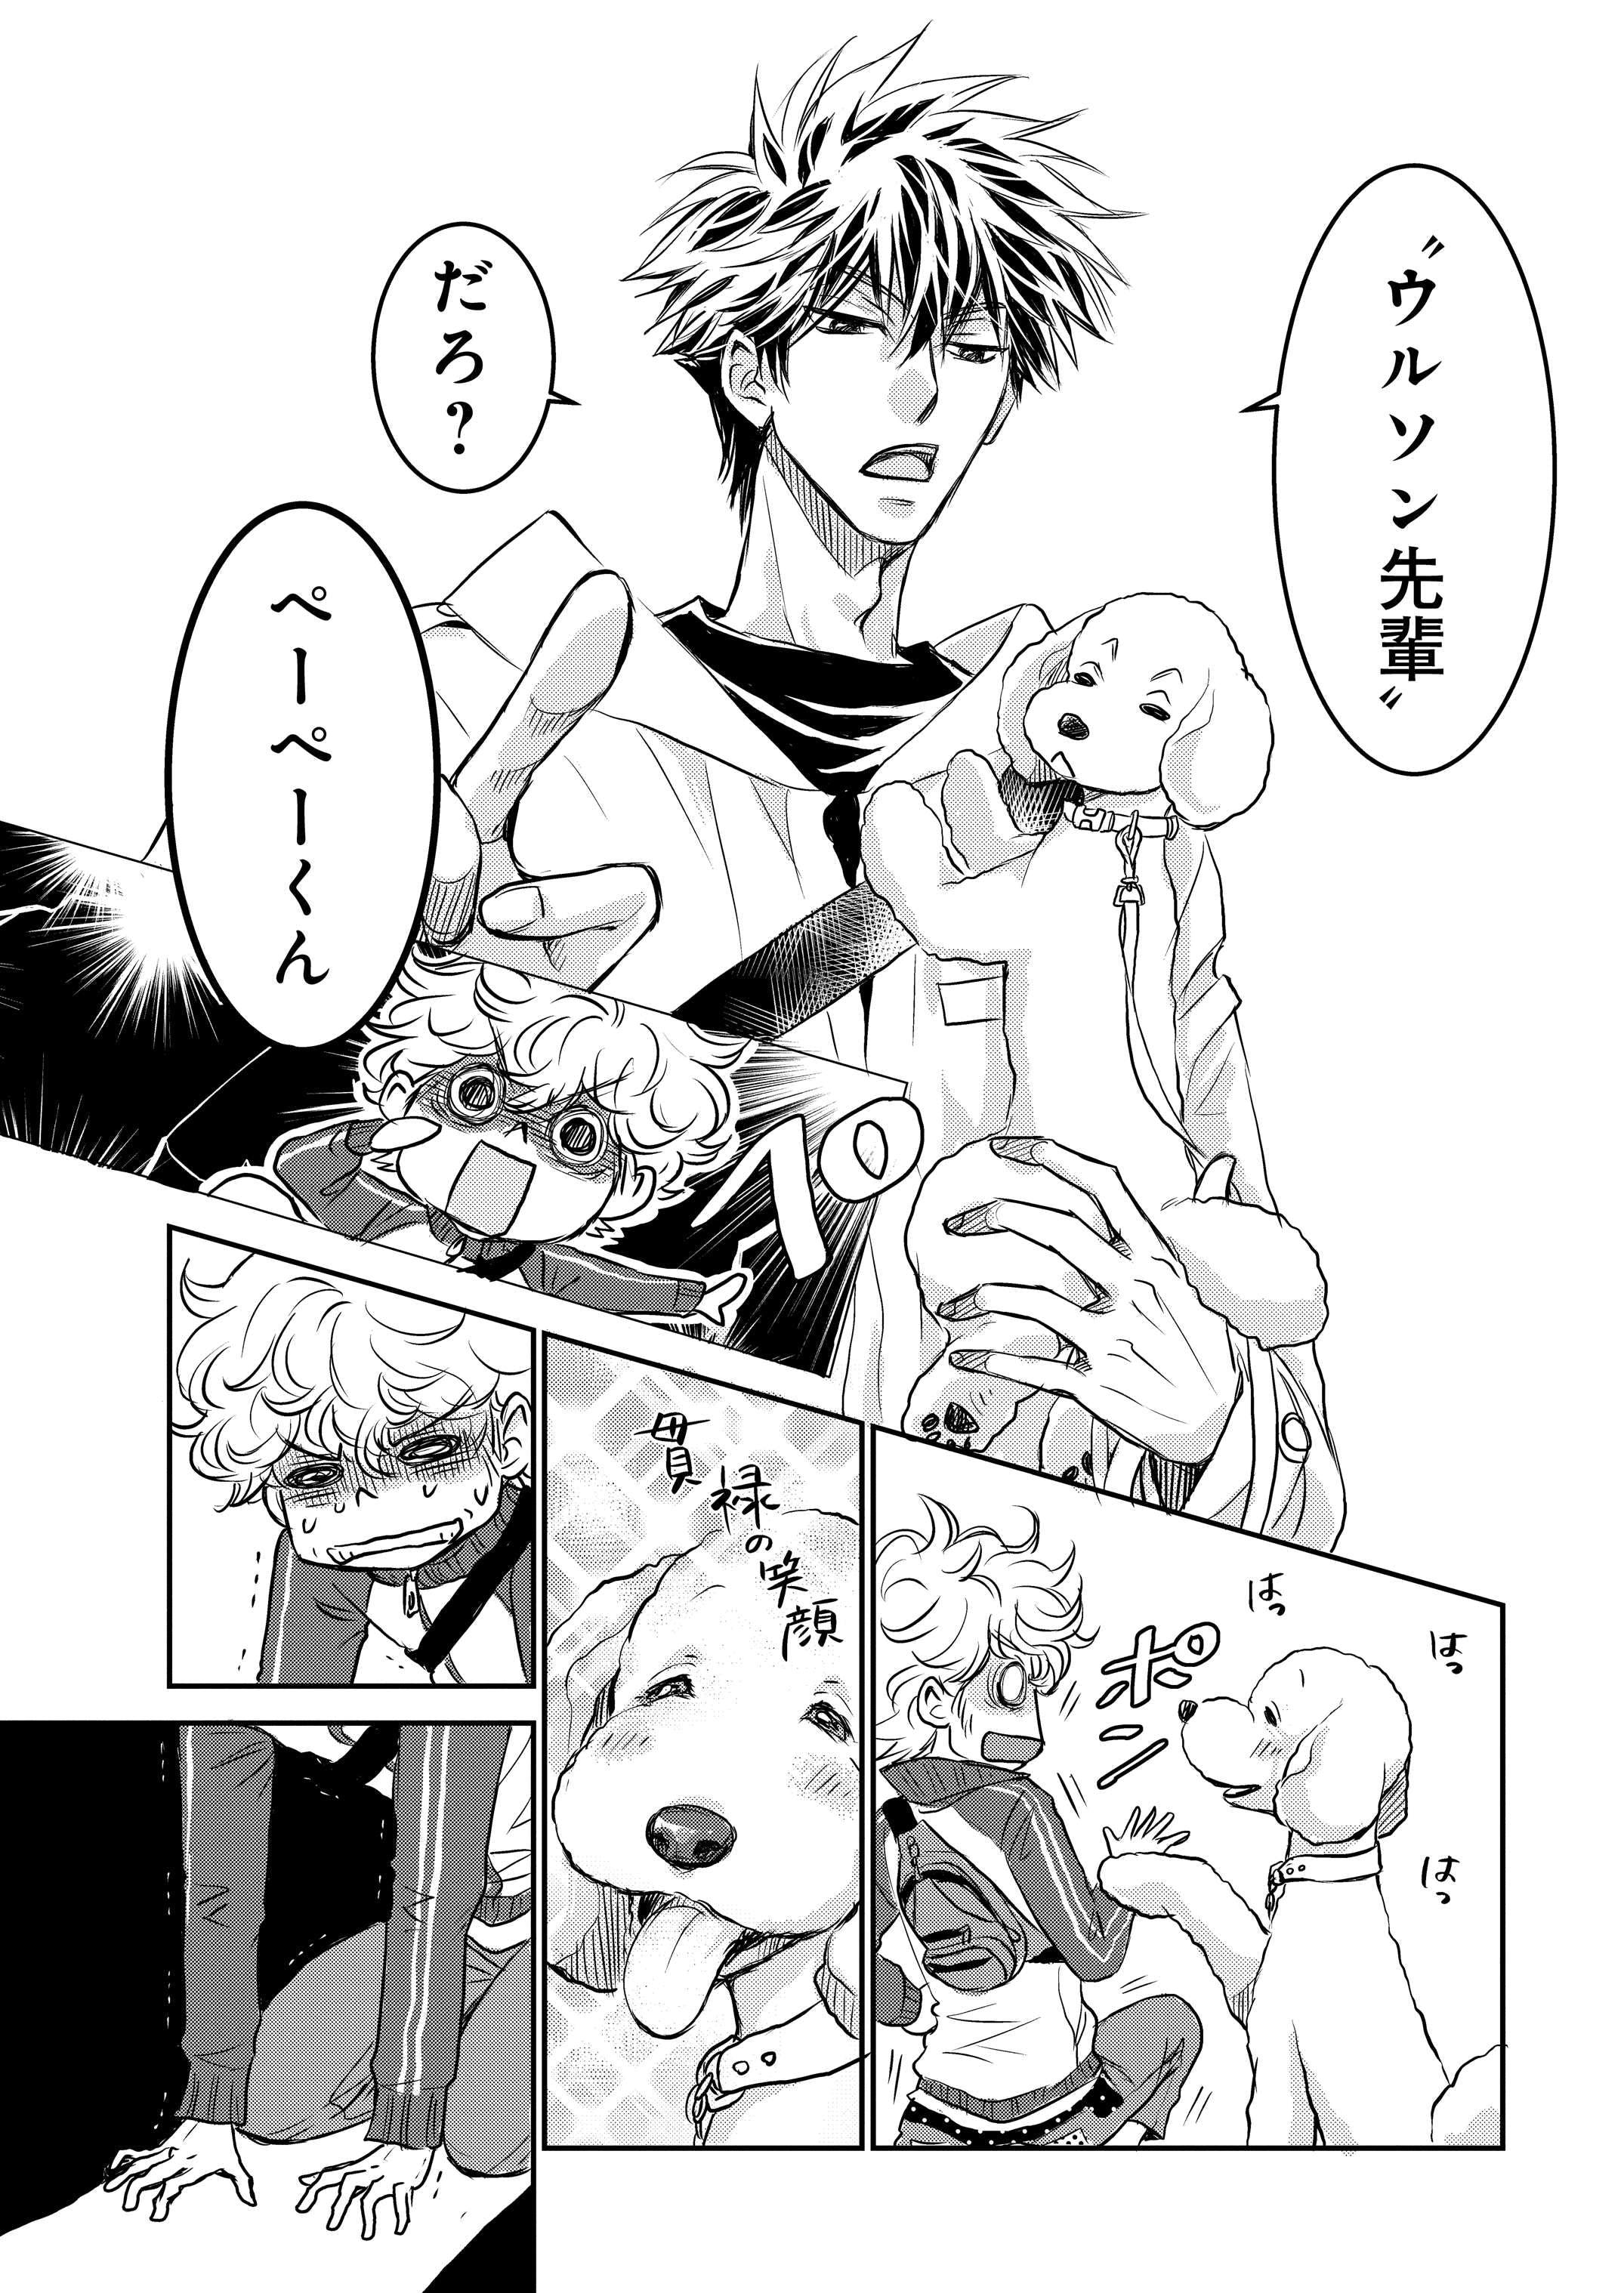 【新連載】『DOG SIGNAL』1話目④ 8ページ目